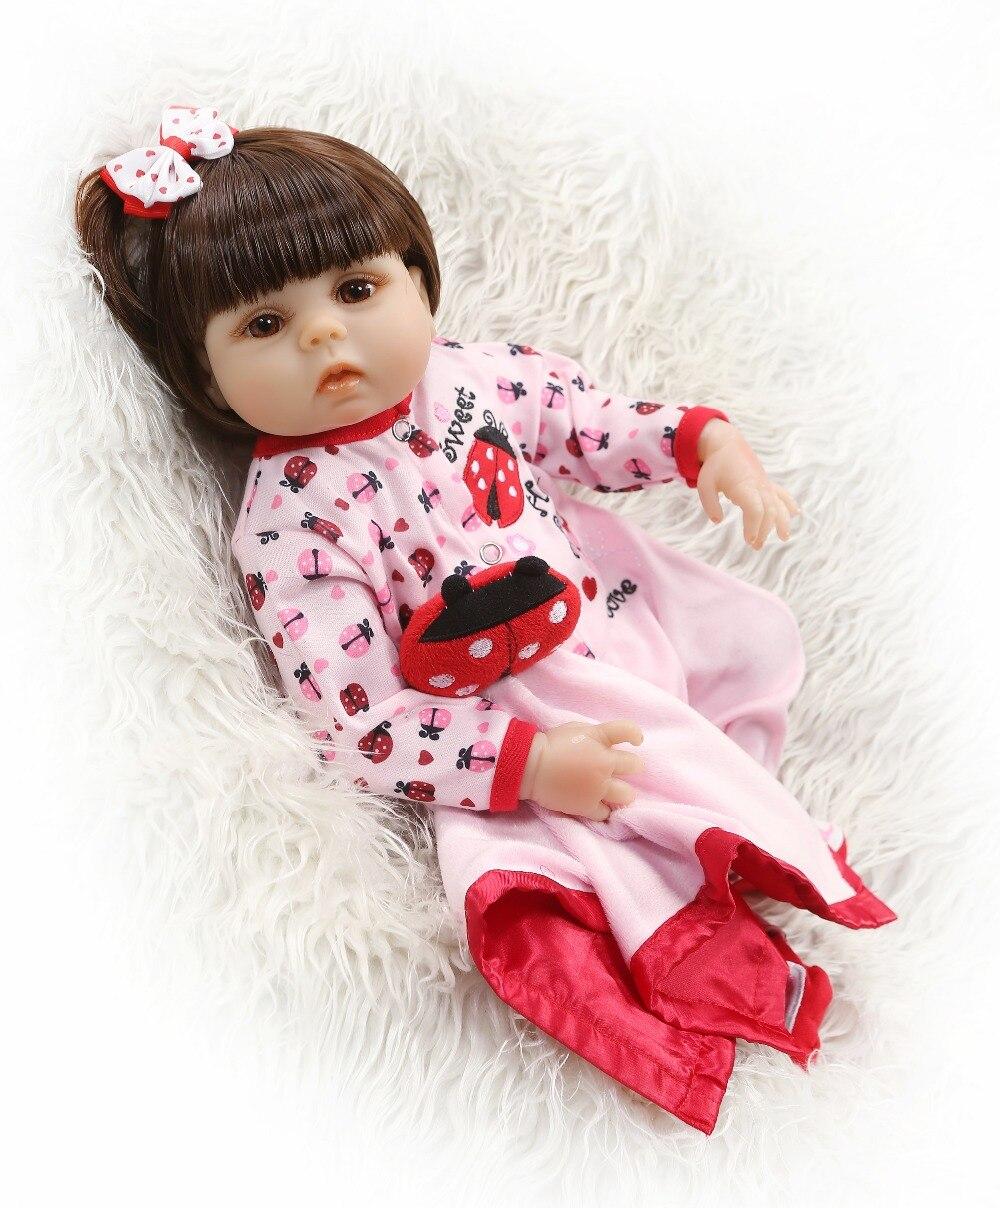 NPKCOLLECTION Zachte Siliconen 48 CM Bebes Reborn Poppen Alive Baby Meisje Poppen Speelgoed Voor Kind Playhouse Meisje Verjaardag Cadeaus Brinquedo-in Poppen van Speelgoed & Hobbies op  Groep 3